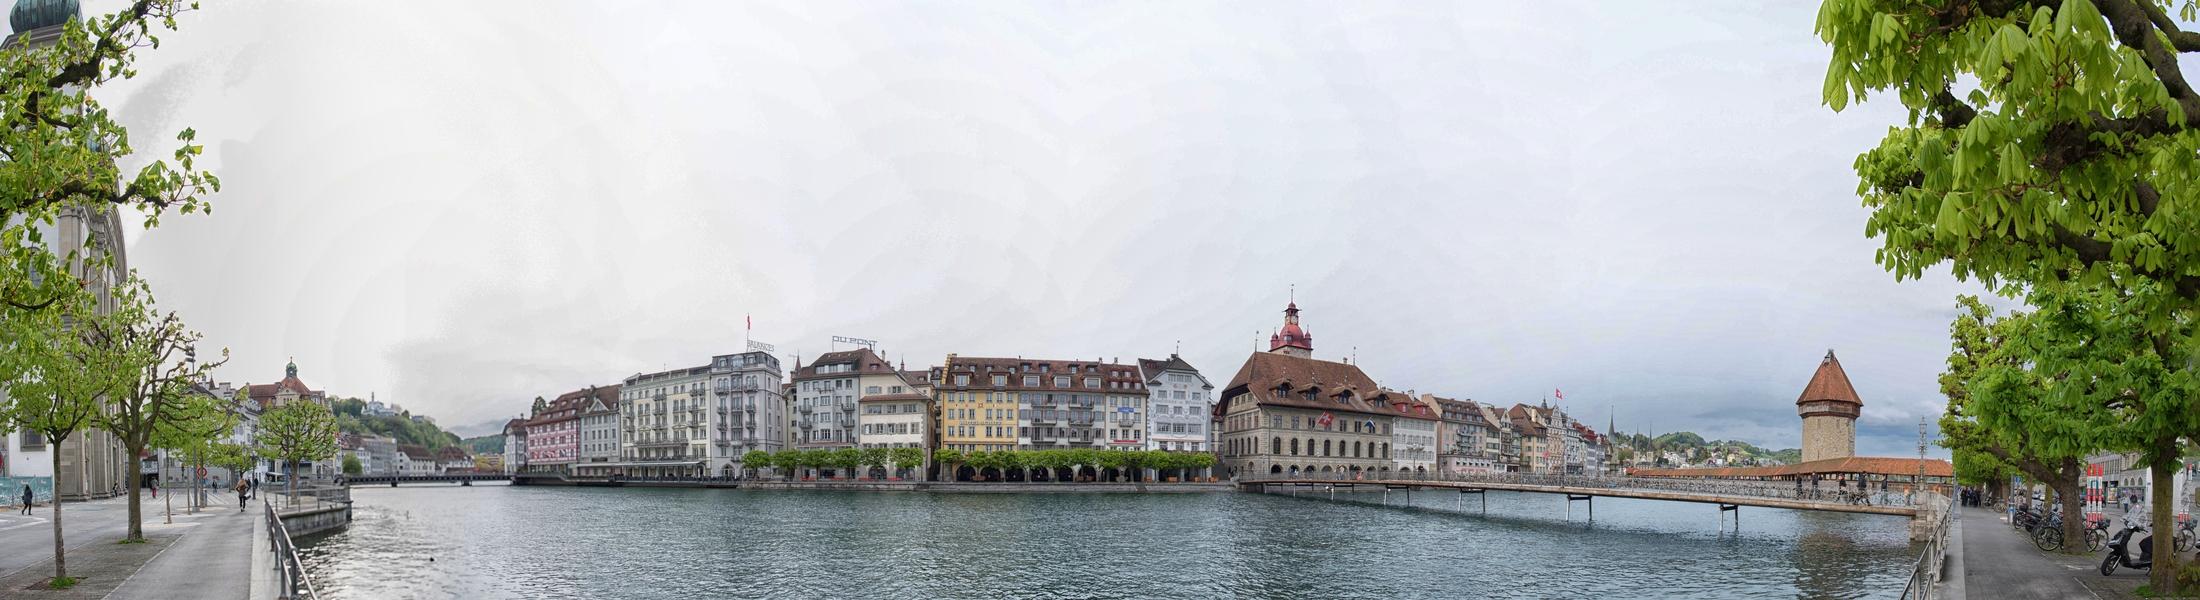 Unbenanntes_Panorama1-Bearbeitet-2